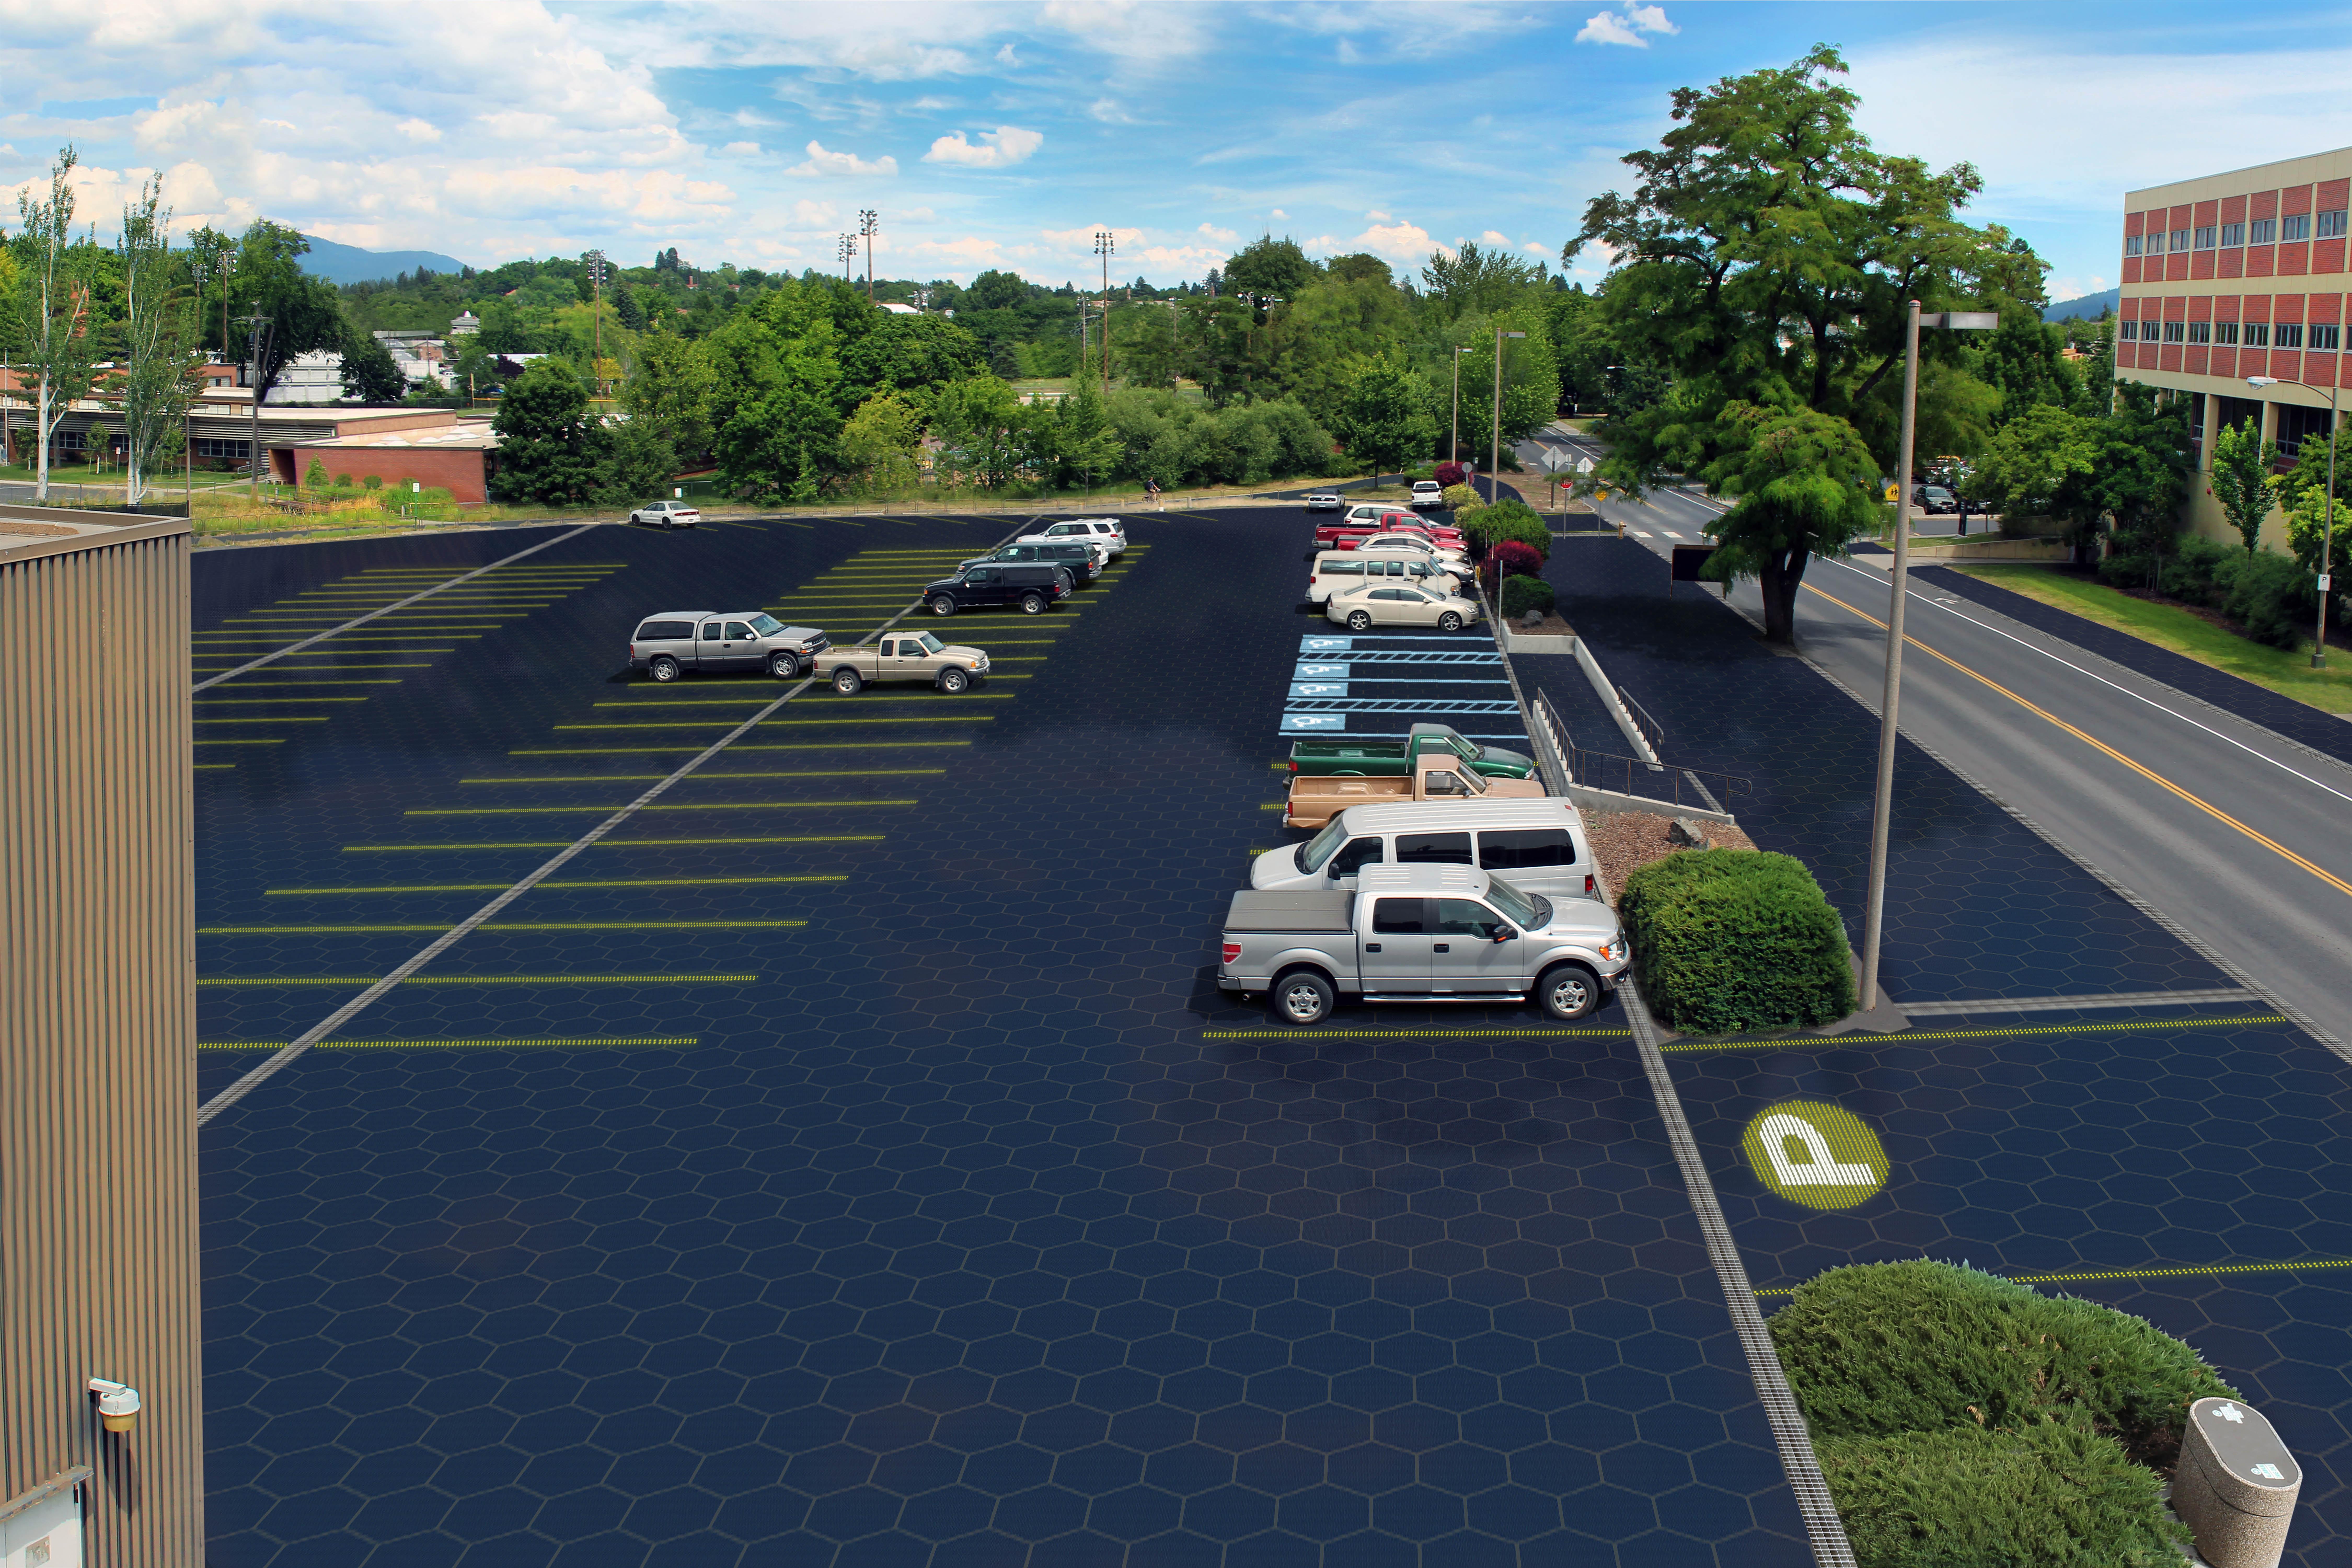 Parking Lot Concept